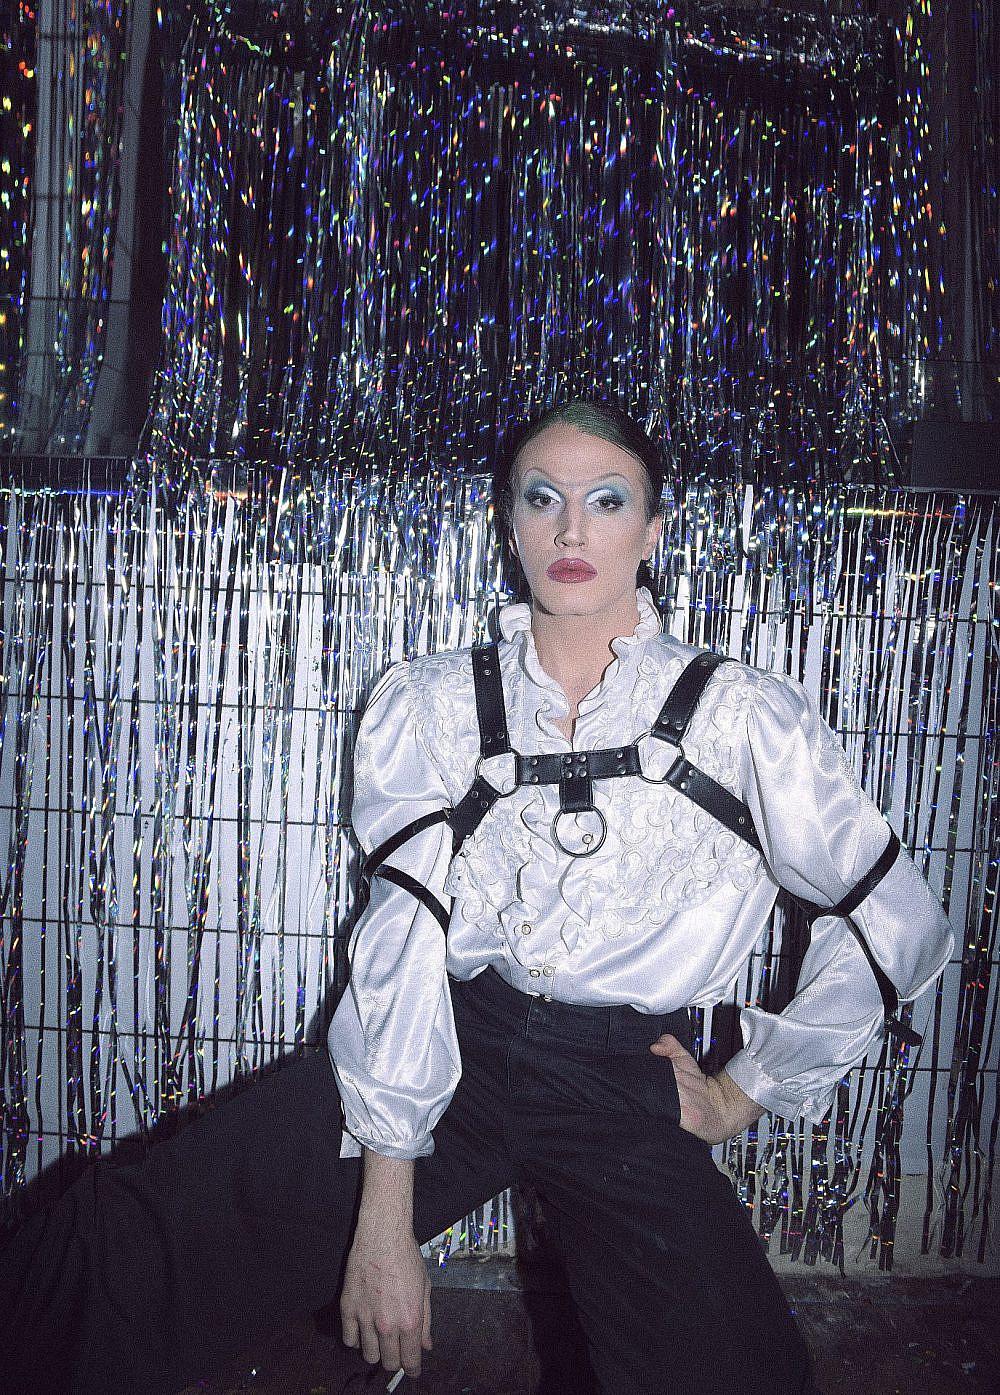 גבה שהיא מגלשת קמיקזי. ליין המסיבות של אלון ליבנה LUVVBAZAAR   צילום: ערן לוי